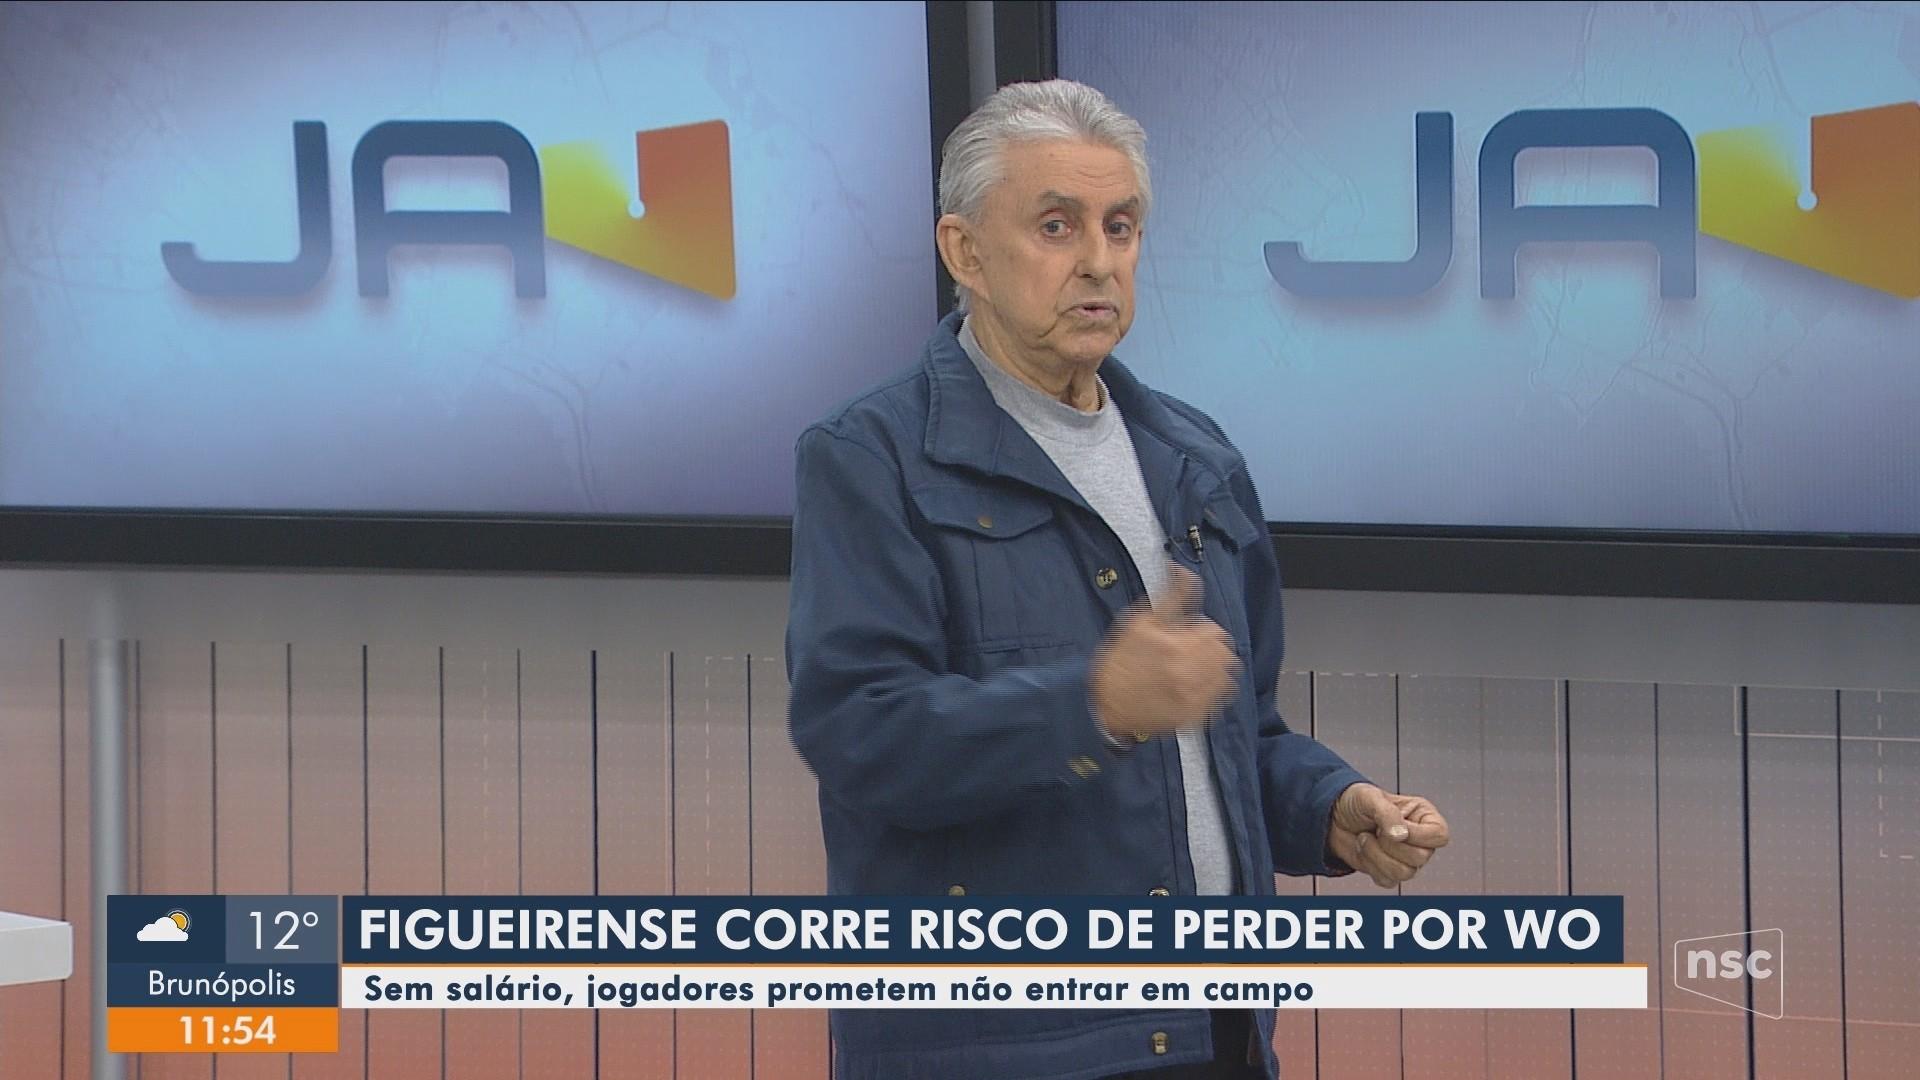 Tarifas de energia de Santa Catarina terão redução média de 7,8%, decide Aneel - Notícias - Plantão Diário